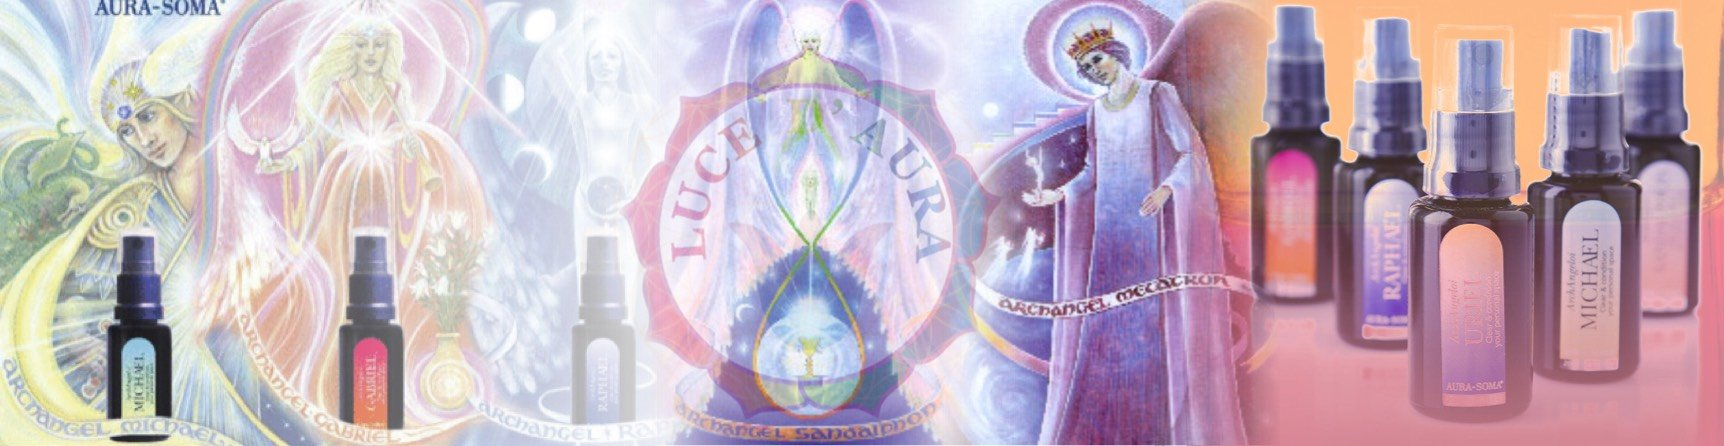 Archangeloi la pace si può raggiungere attraverso il colore che riflette noi stessi